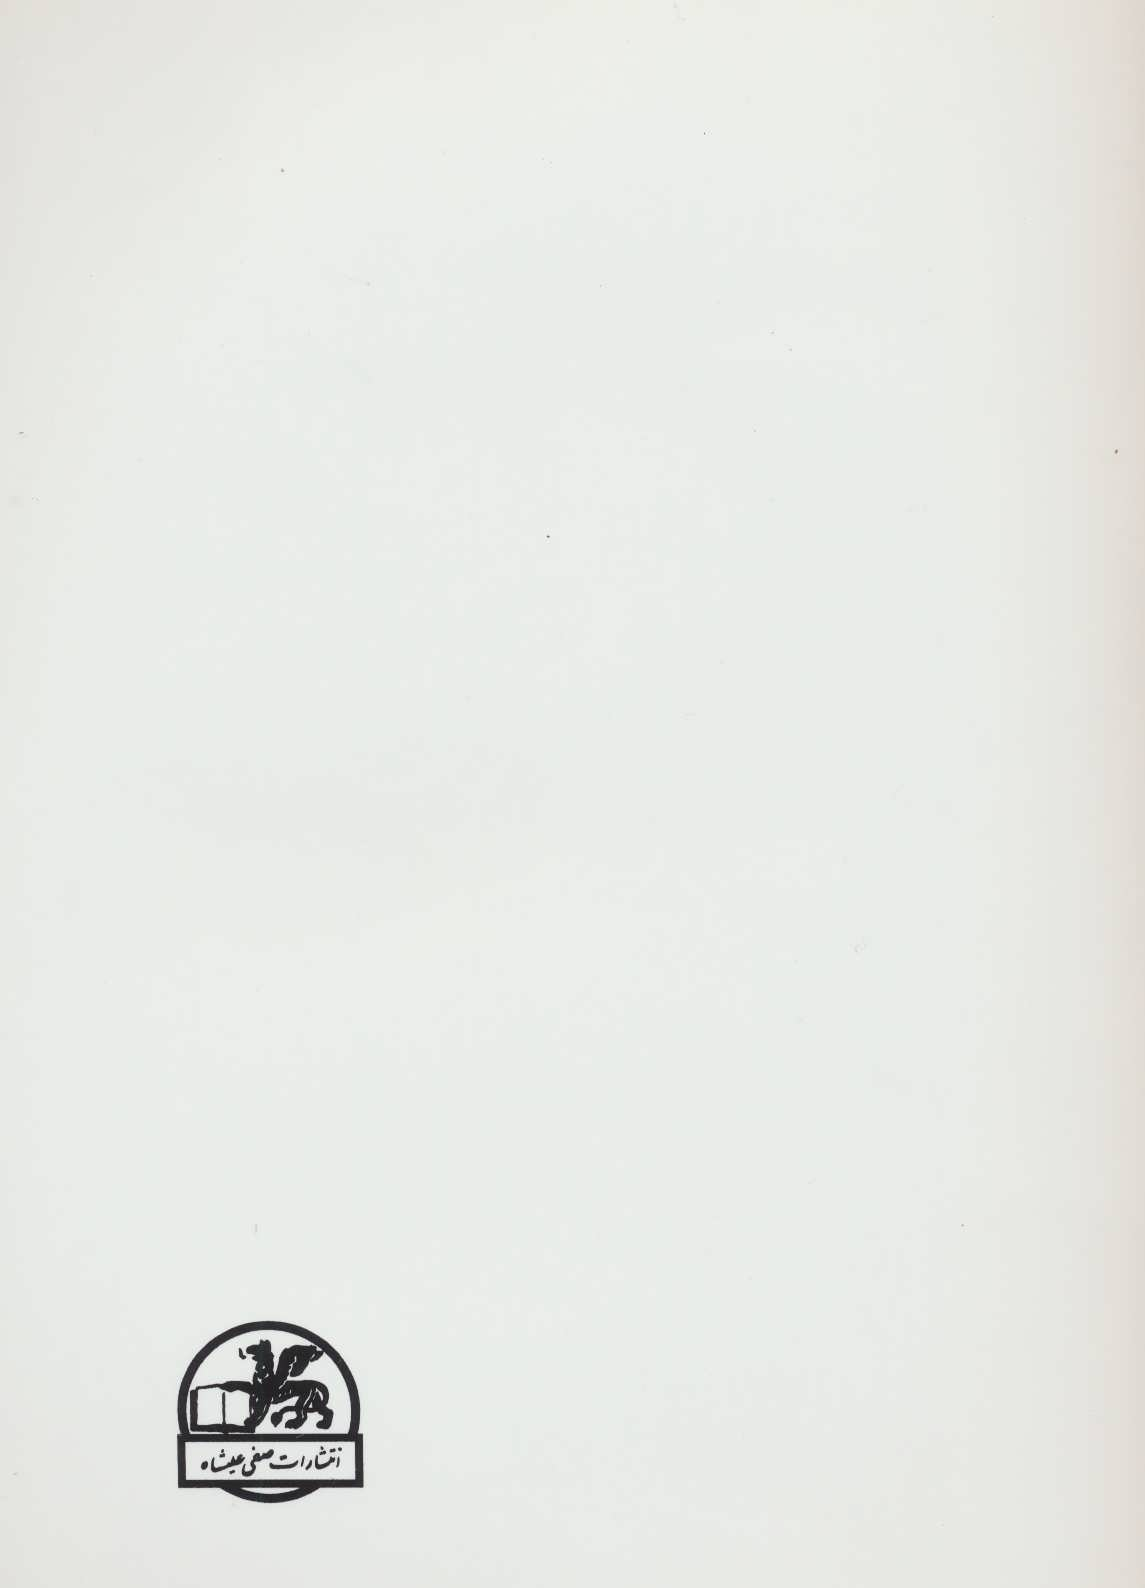 دستور مقدماتی ویلن (هنرستان موسیقی)،(کتاب اول)